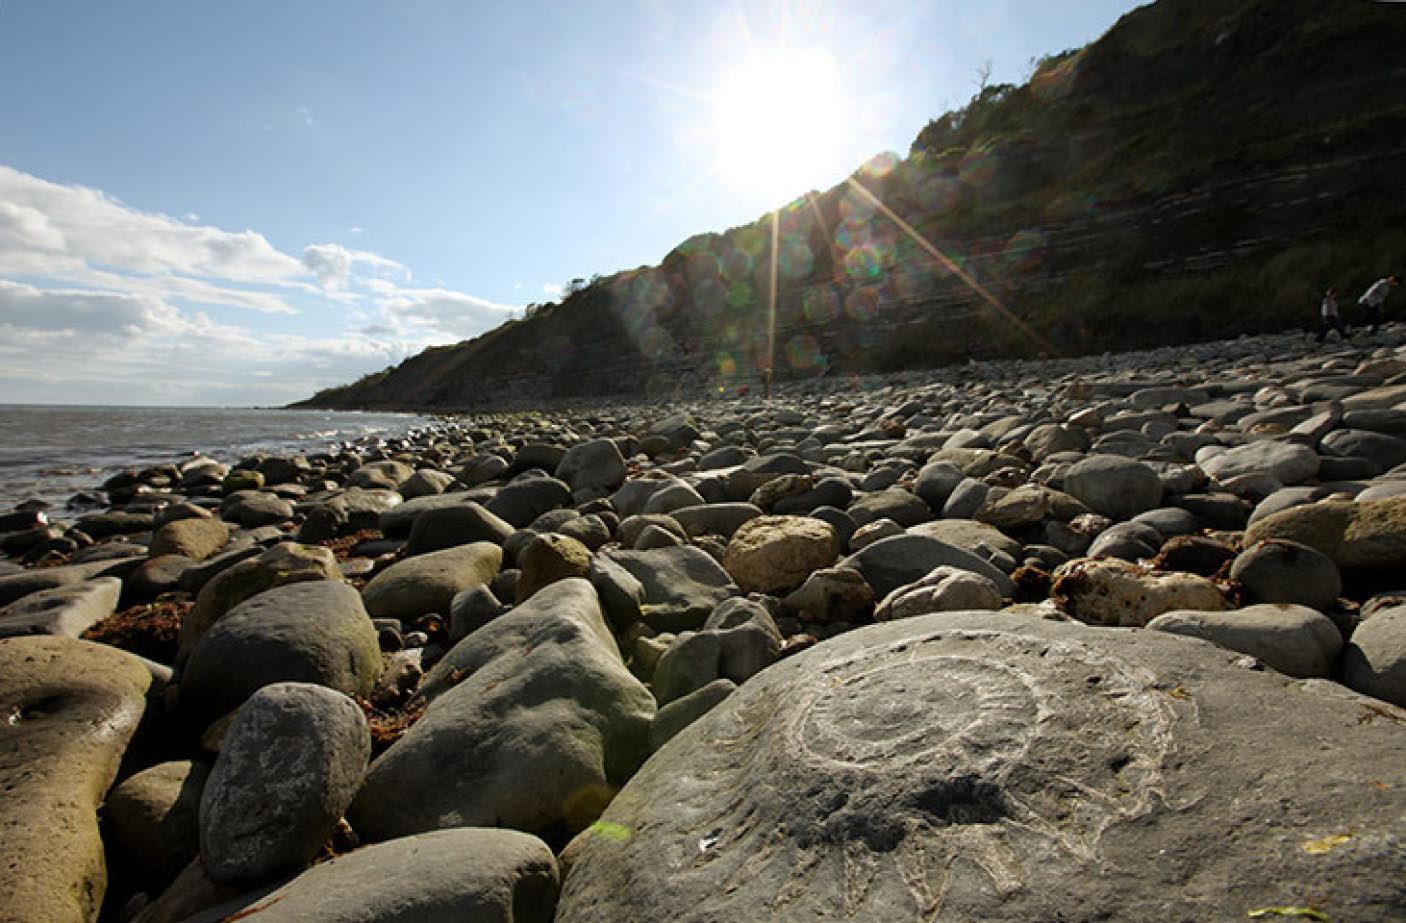 09 Самые необычные пляжи мира (фото)